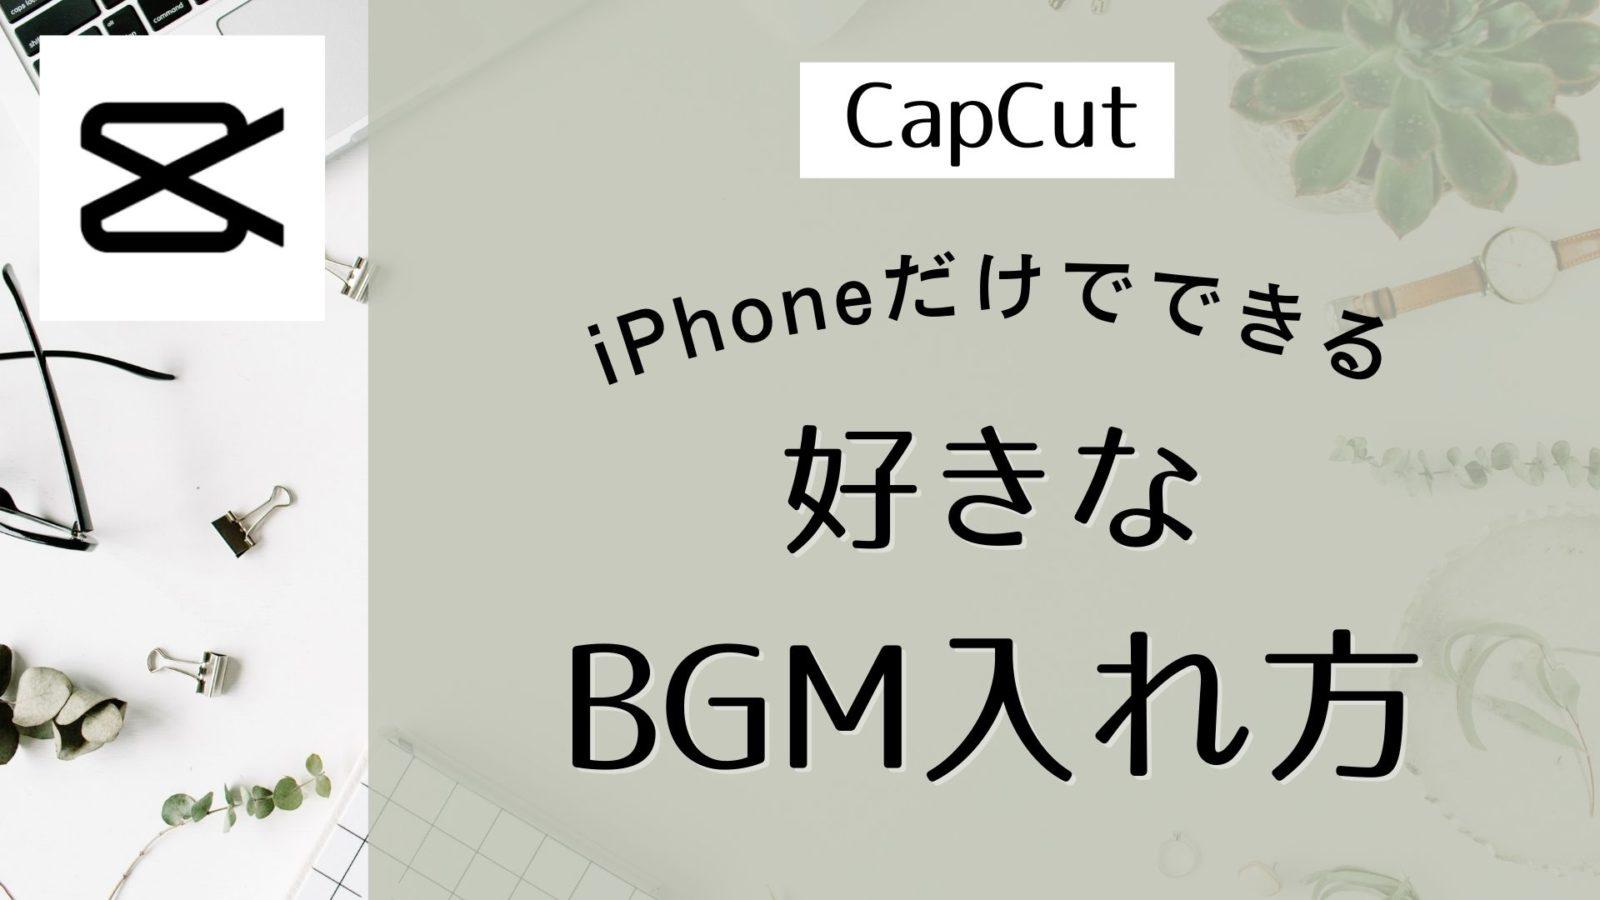 【CapCut】好きな音楽をBGMにする方法